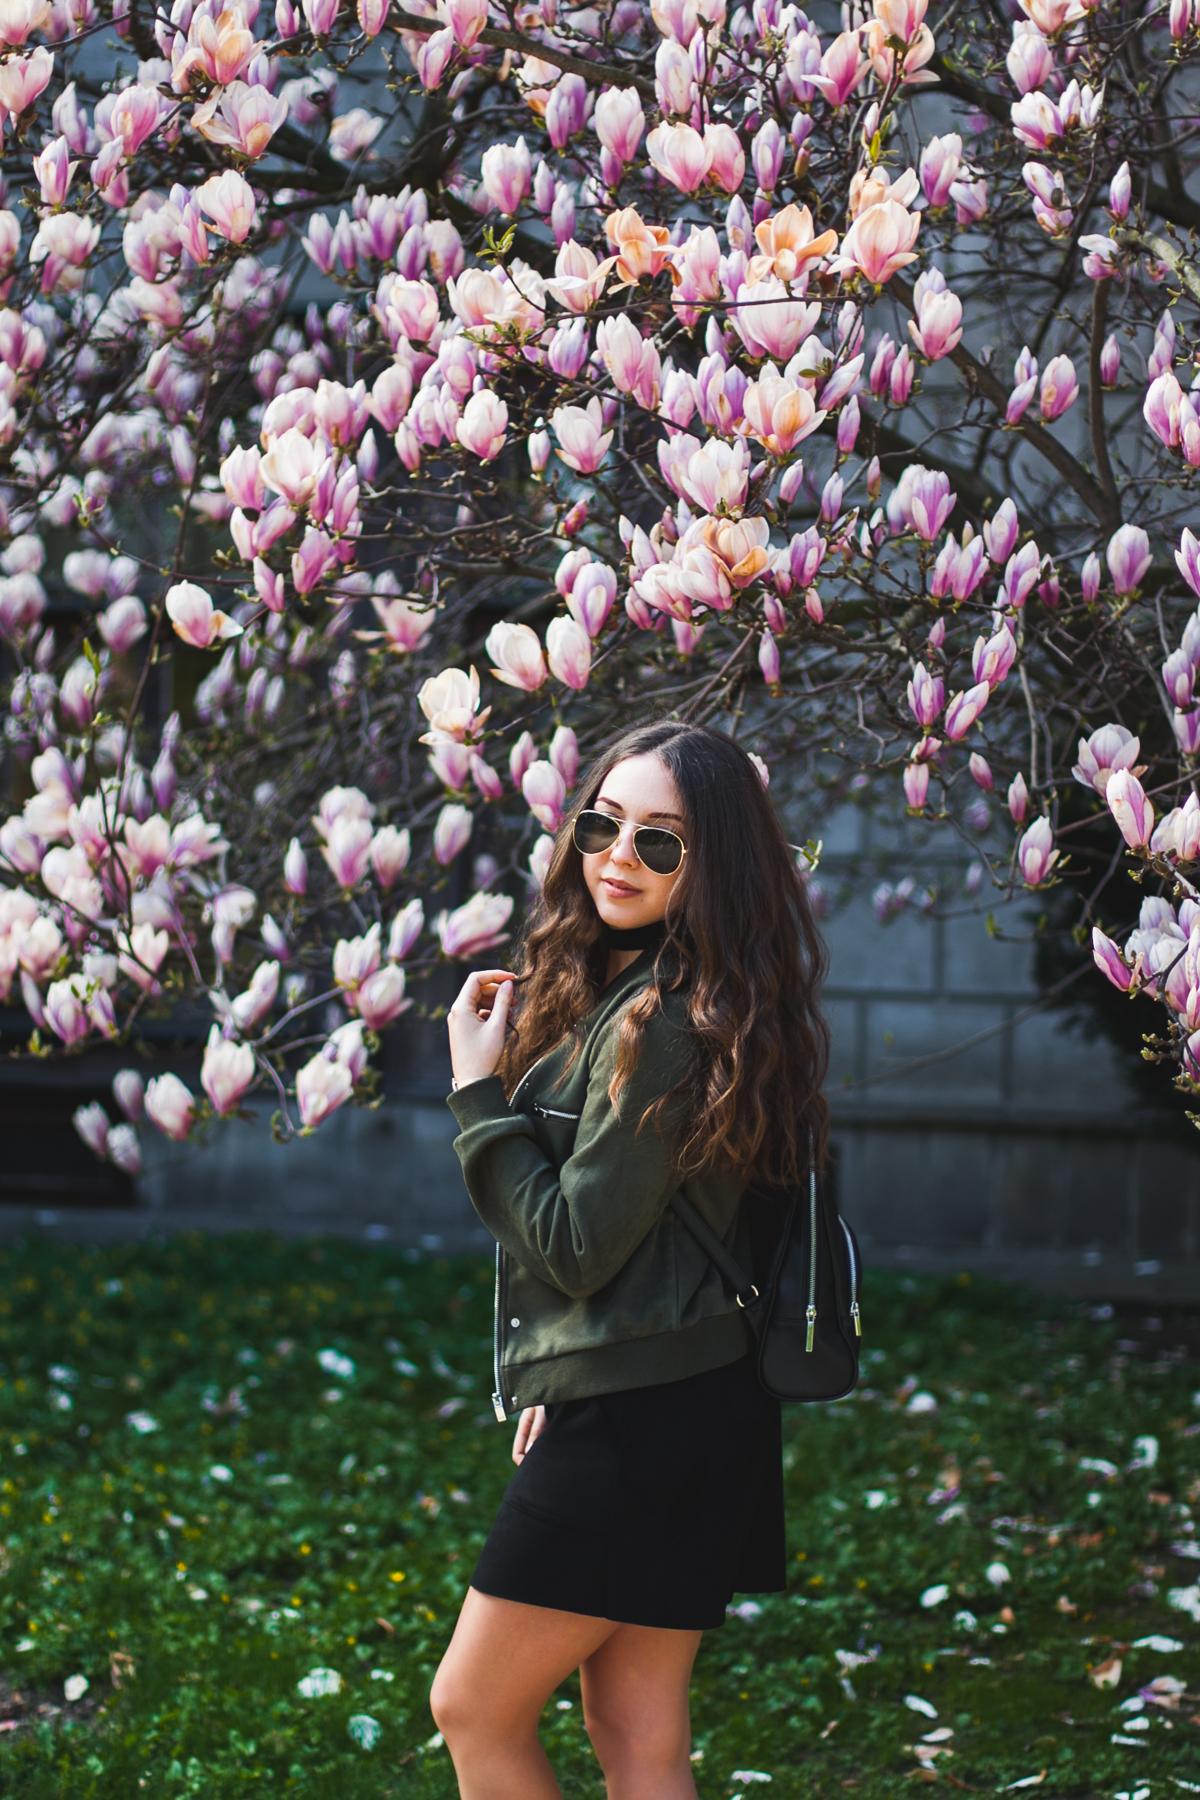 sesja fotograficzna przy magnolii